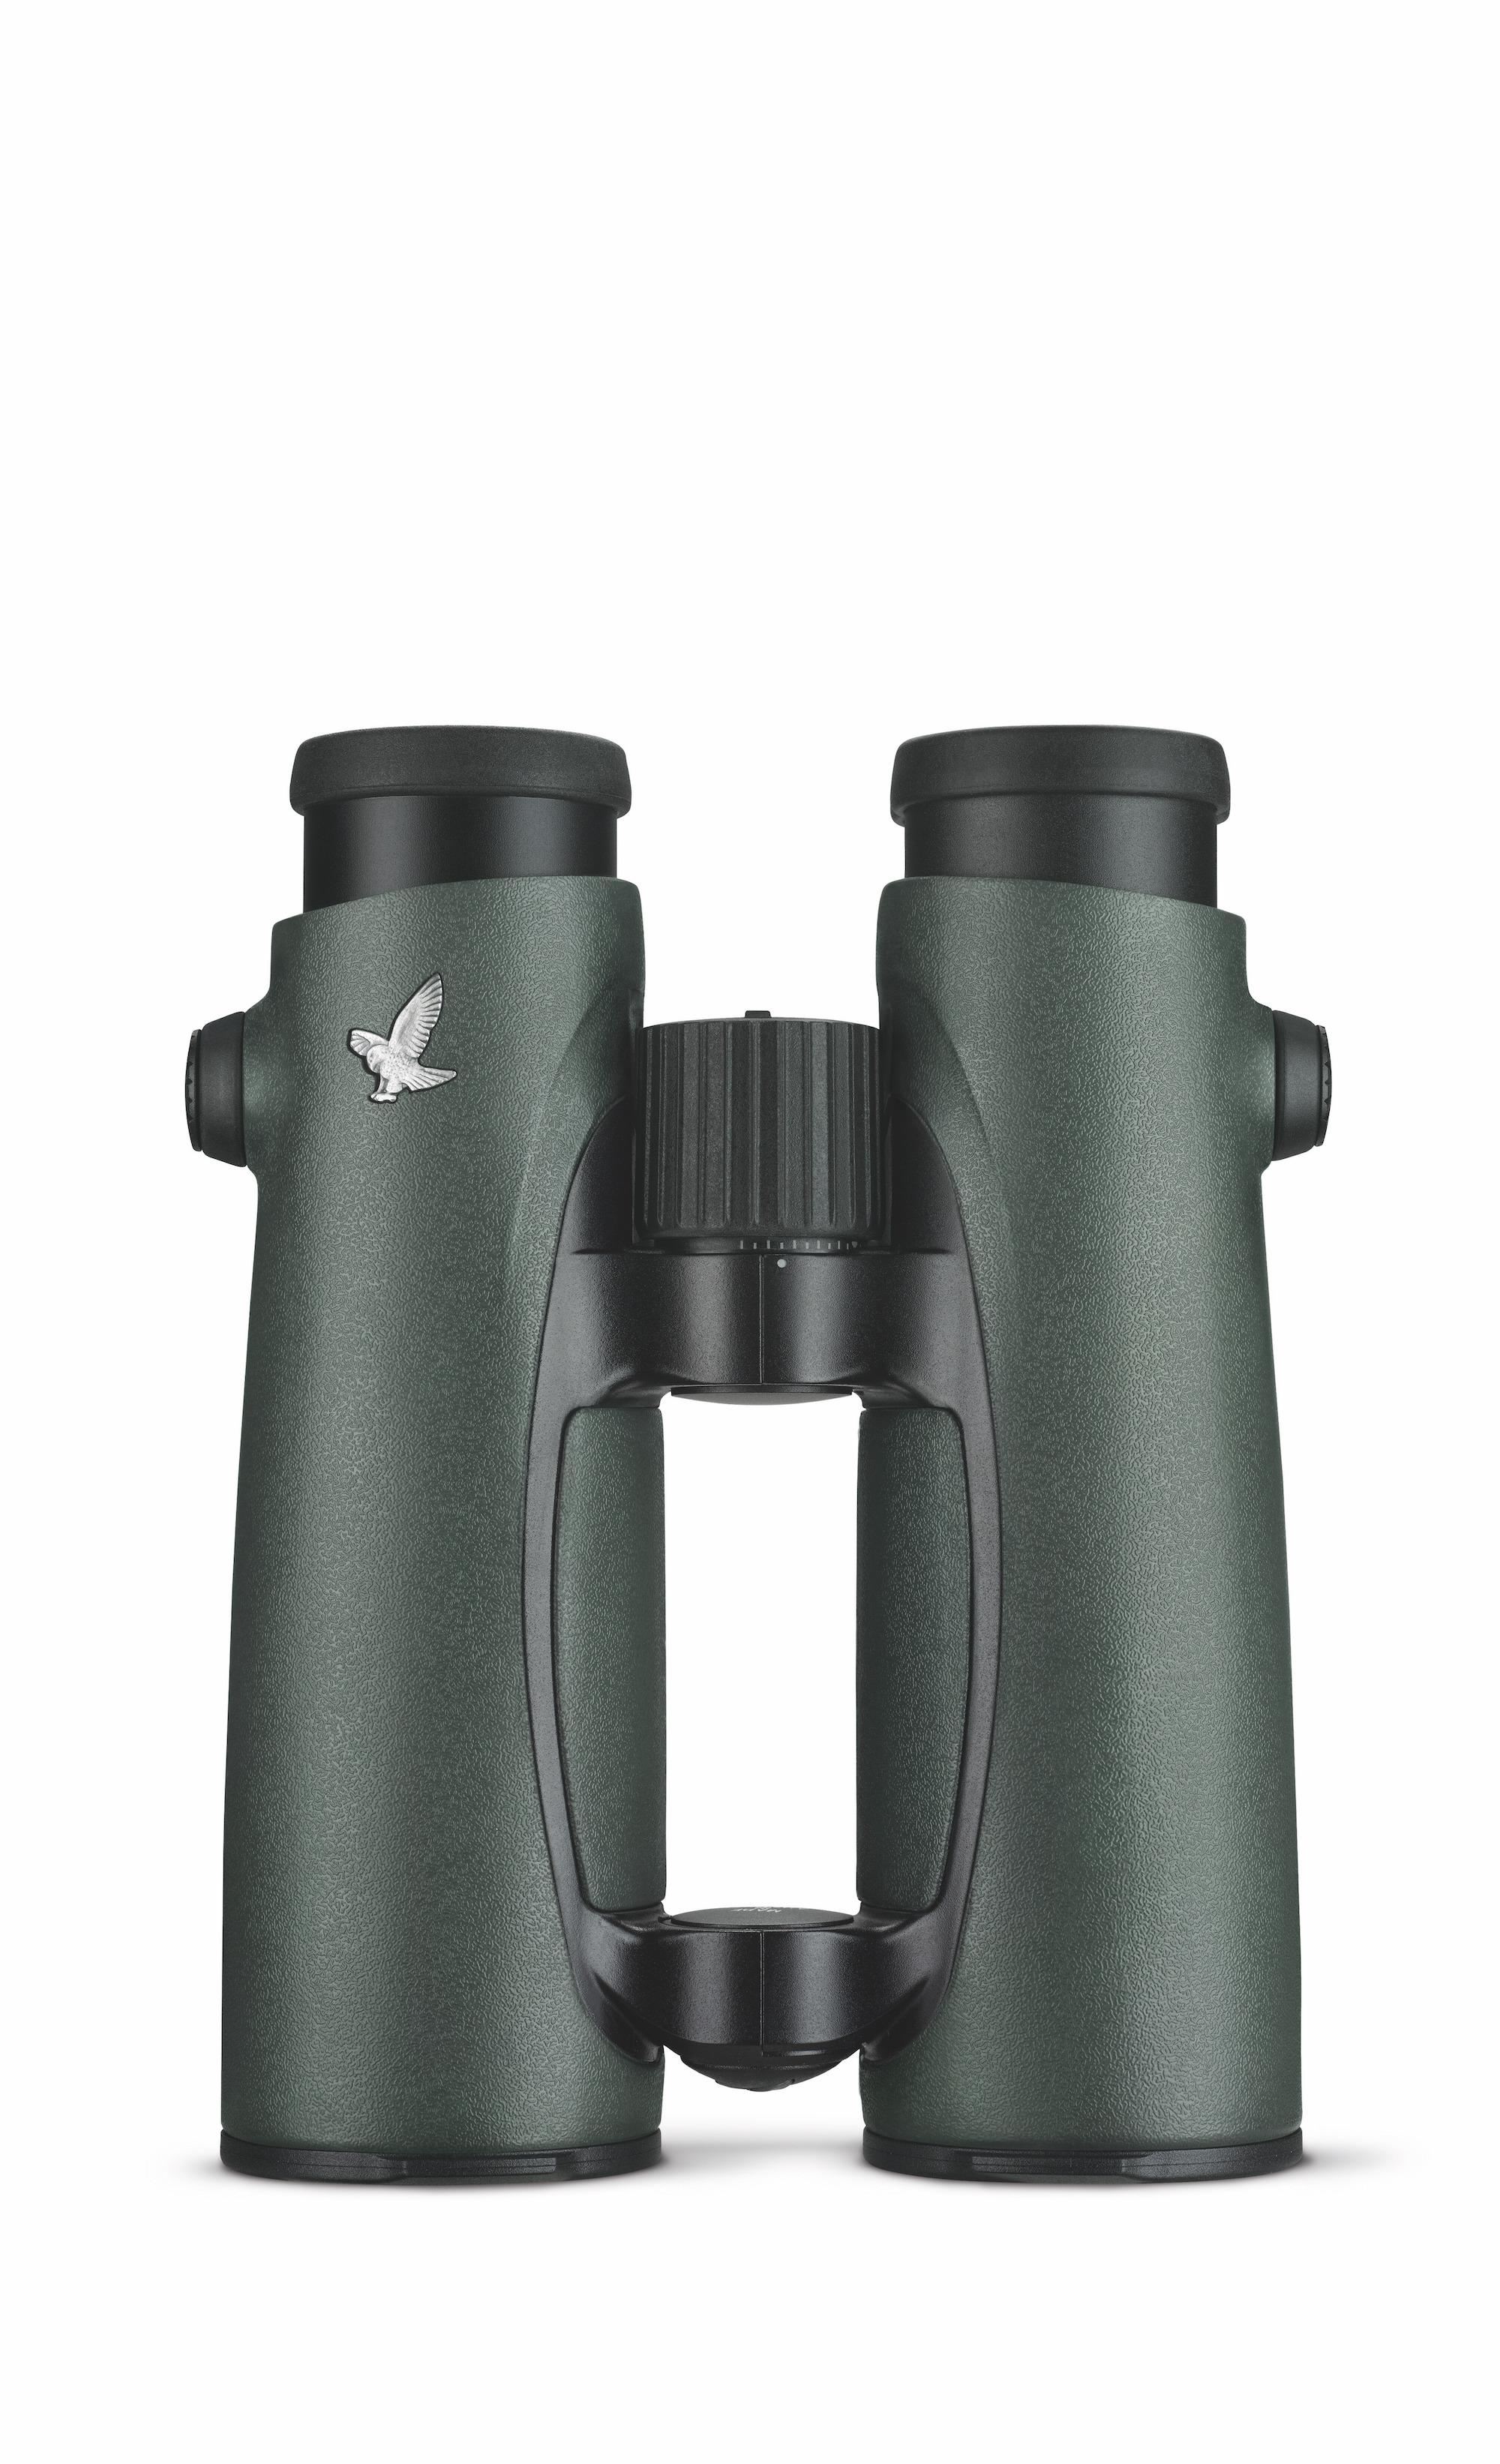 JÄGER Fernglas Test - Das Swarovski EL 10x42 - 10 Optiken im Test